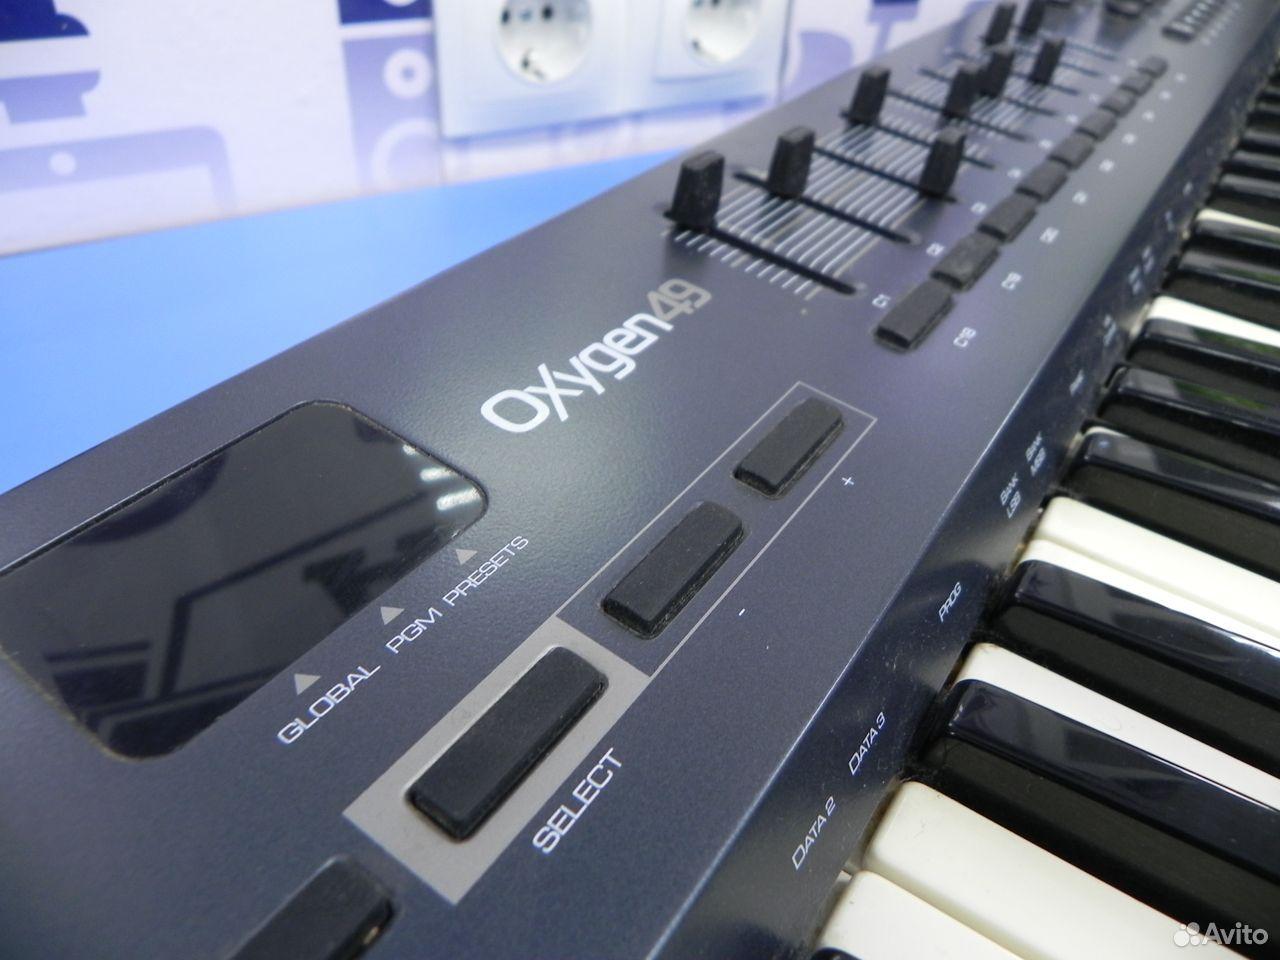 Синтезатор Oxygen49 арт-гз72  83435478920 купить 2